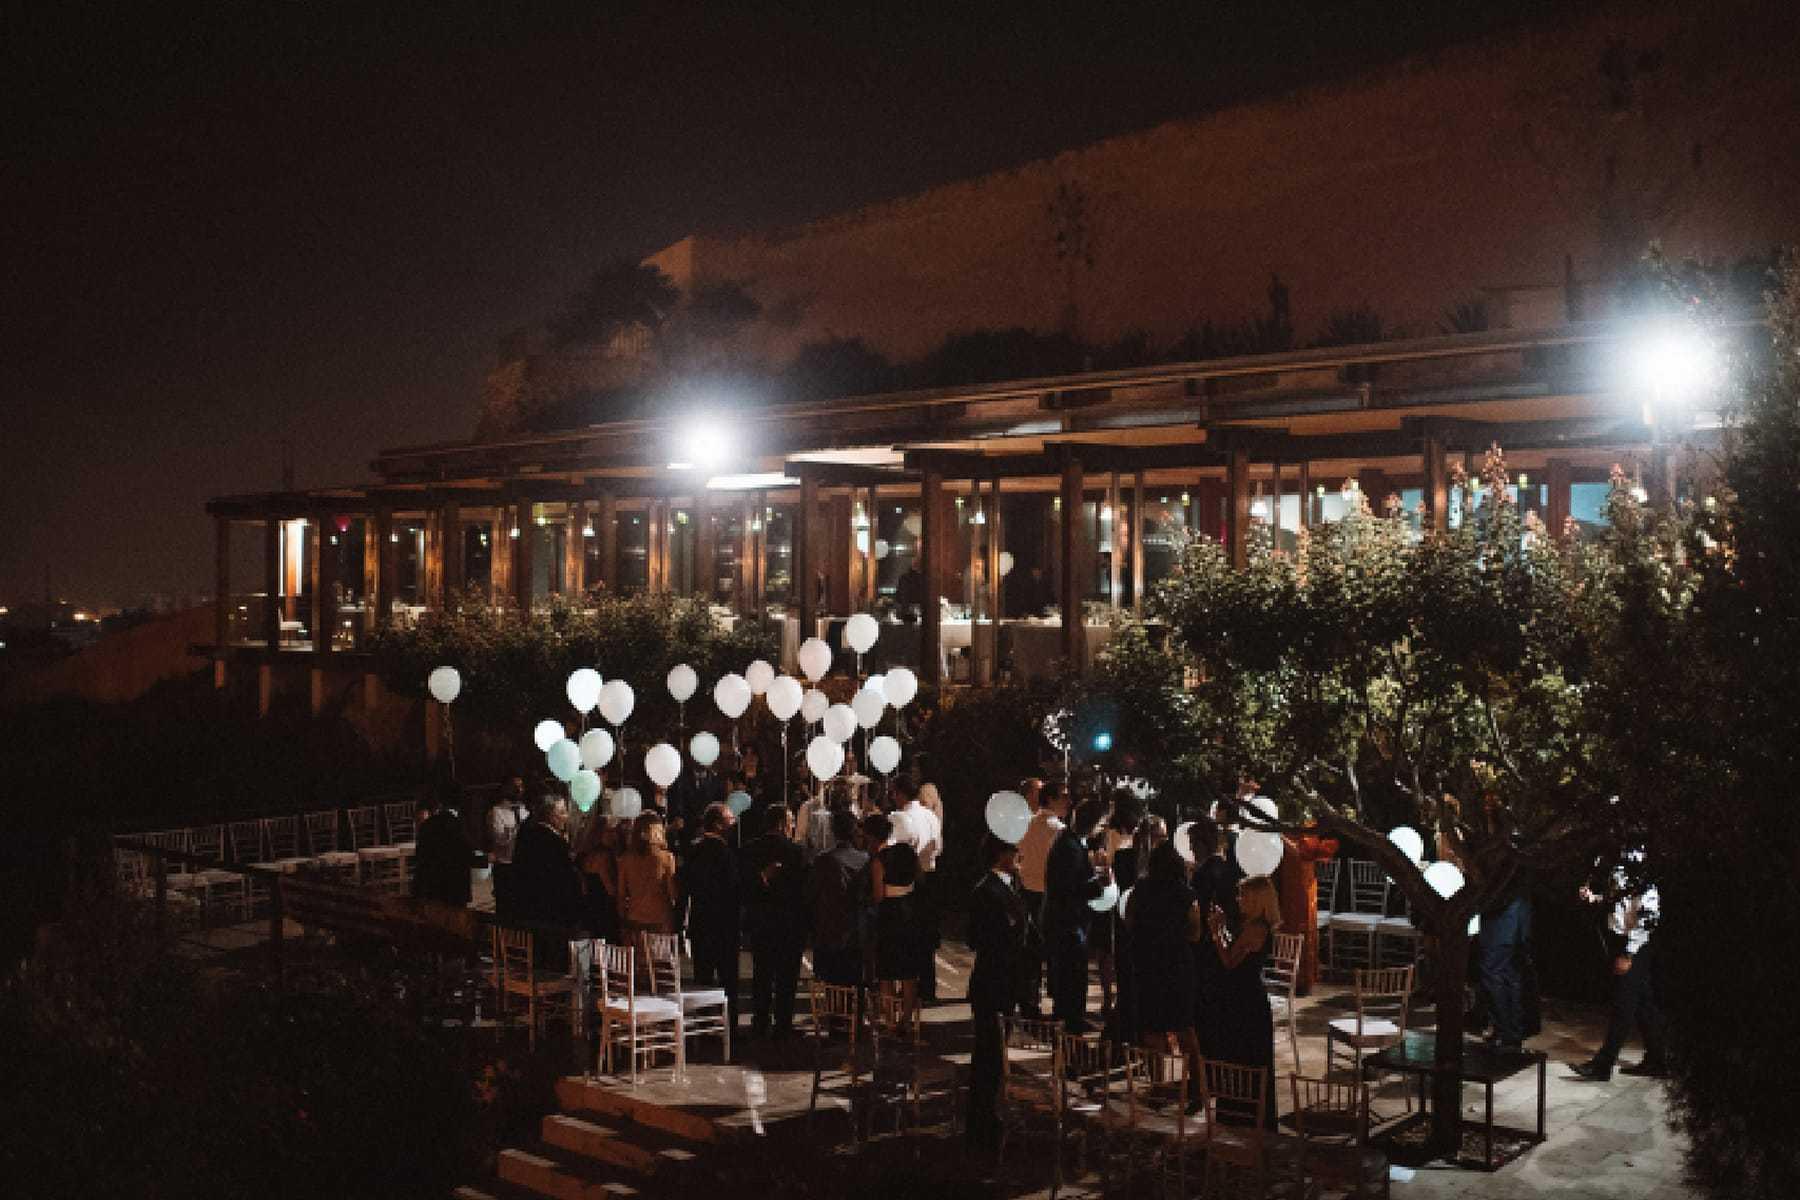 restaurante_la_ereta_hilario_sanchez_fotografo_boda_alicante_127